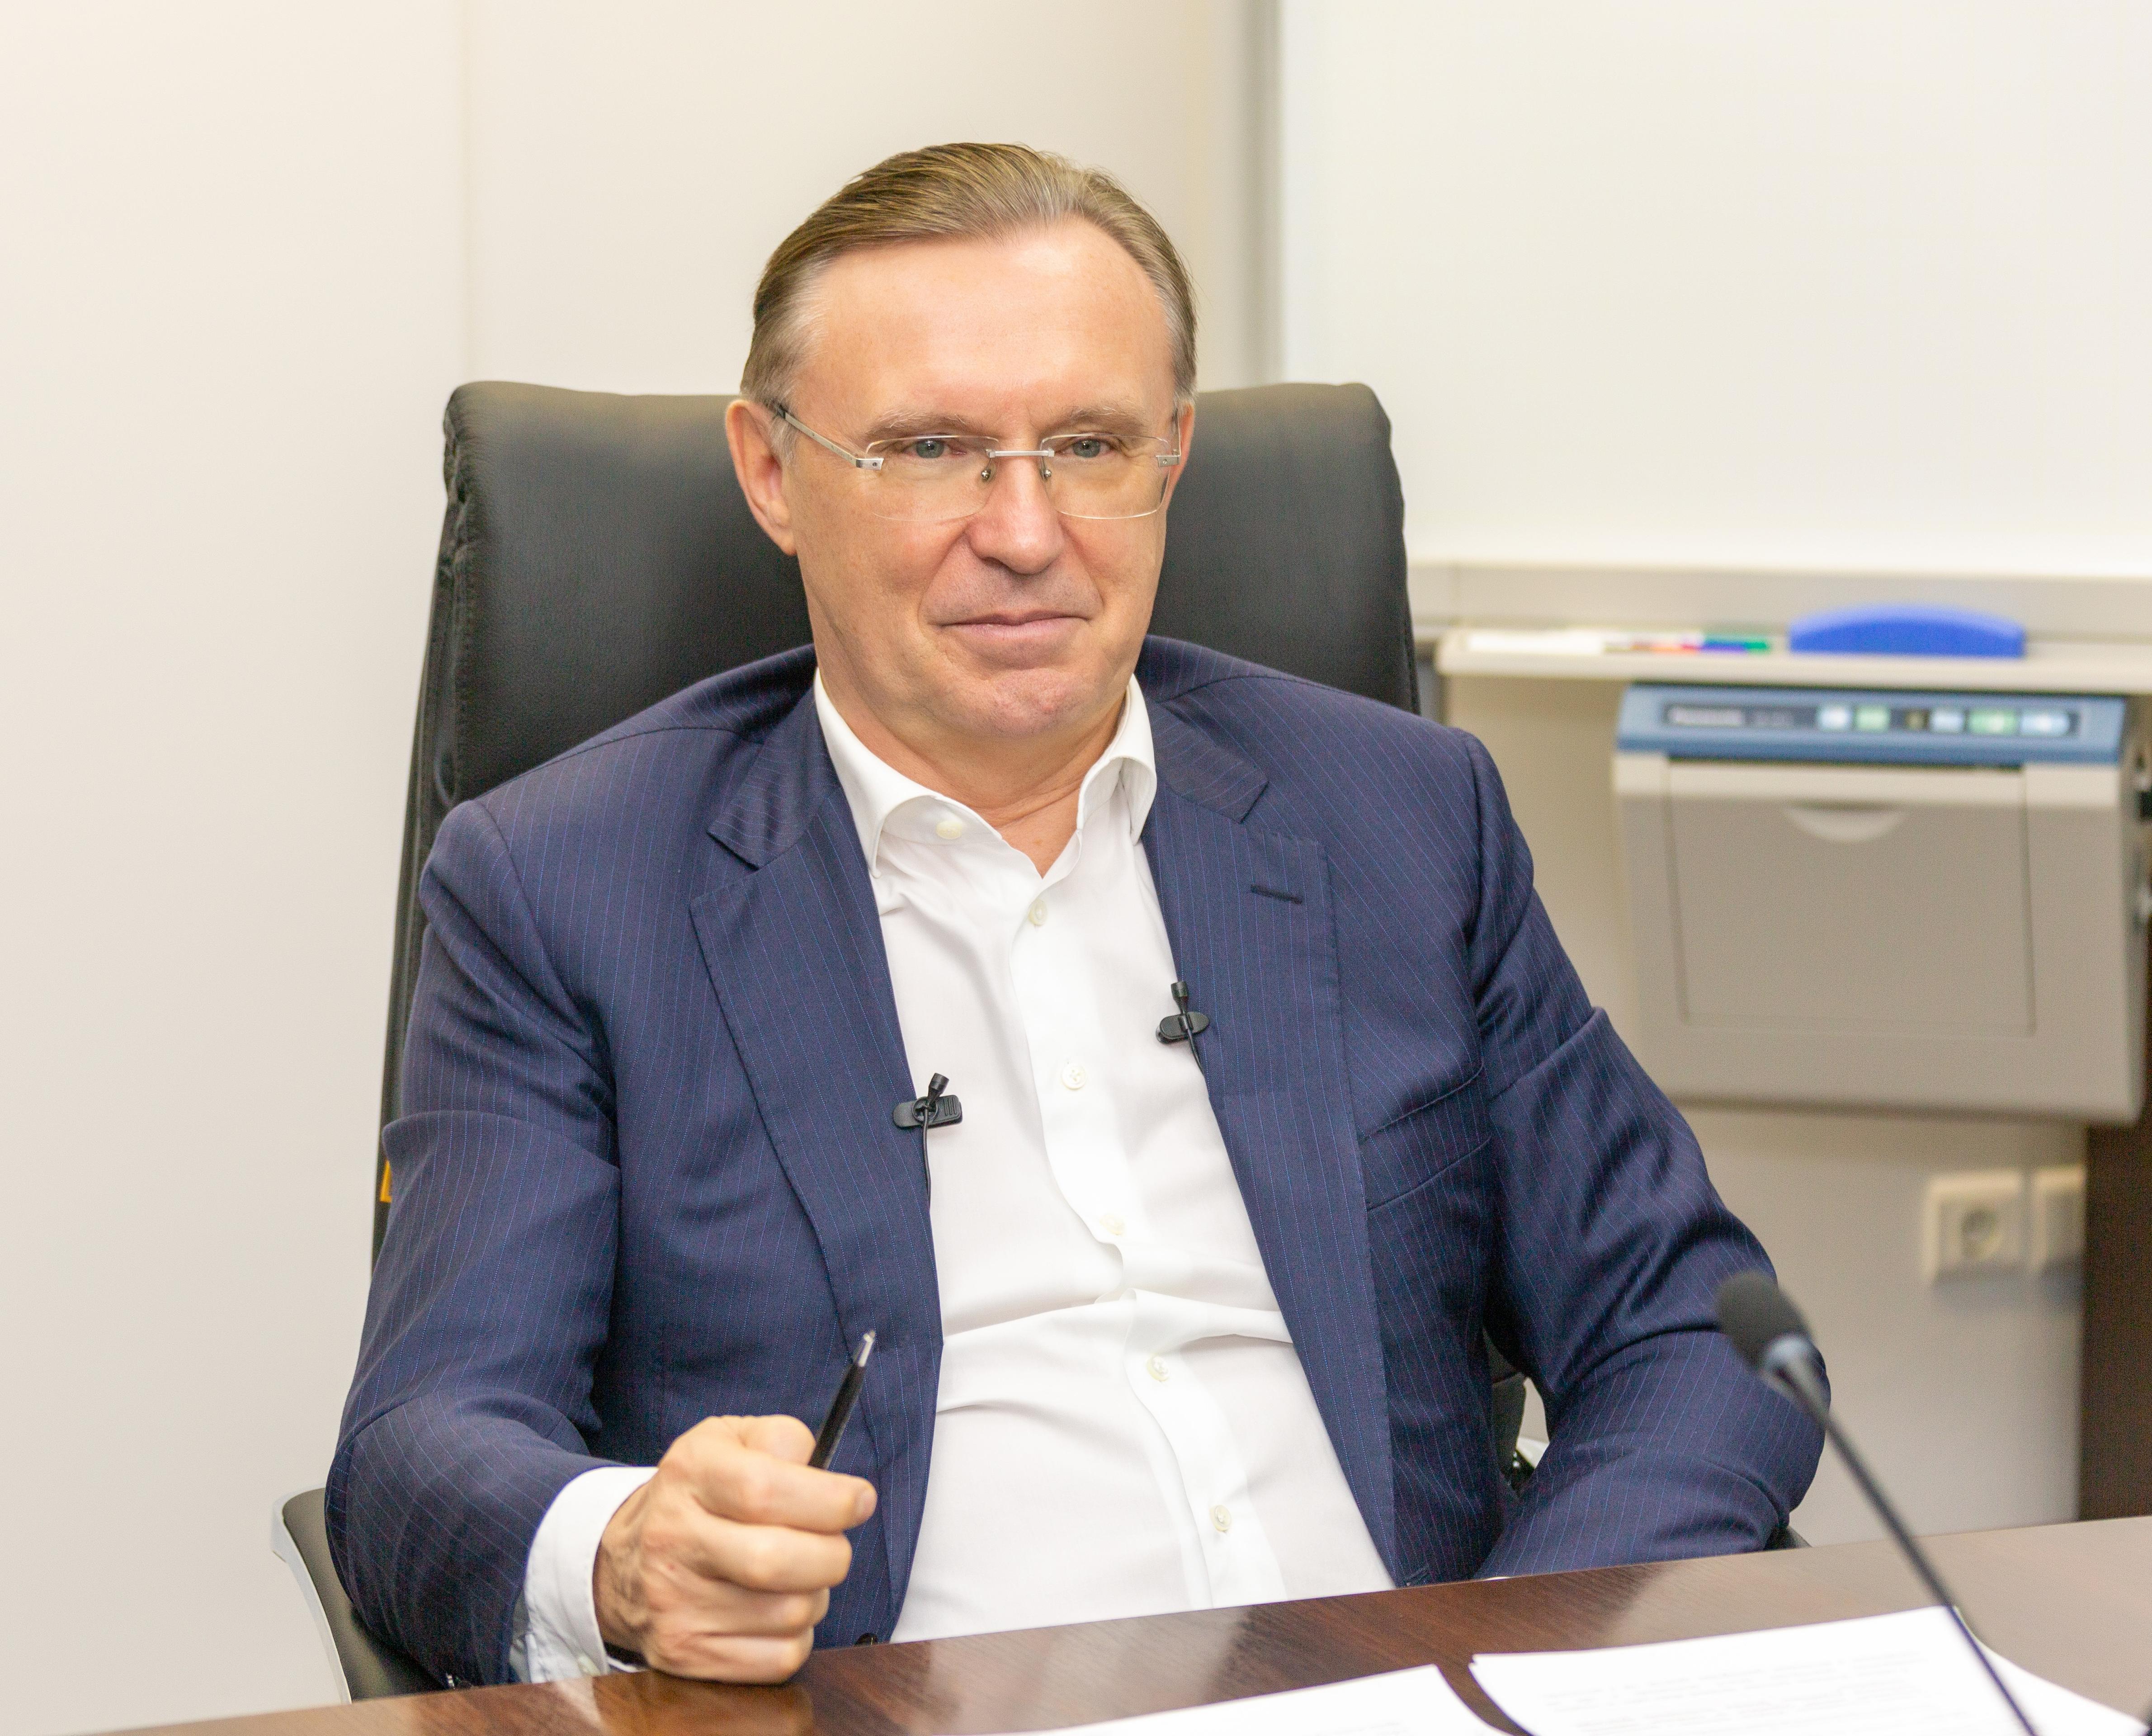 генеральный директор компании Сергей Когогин дал большое интервью корпоративным СМИ